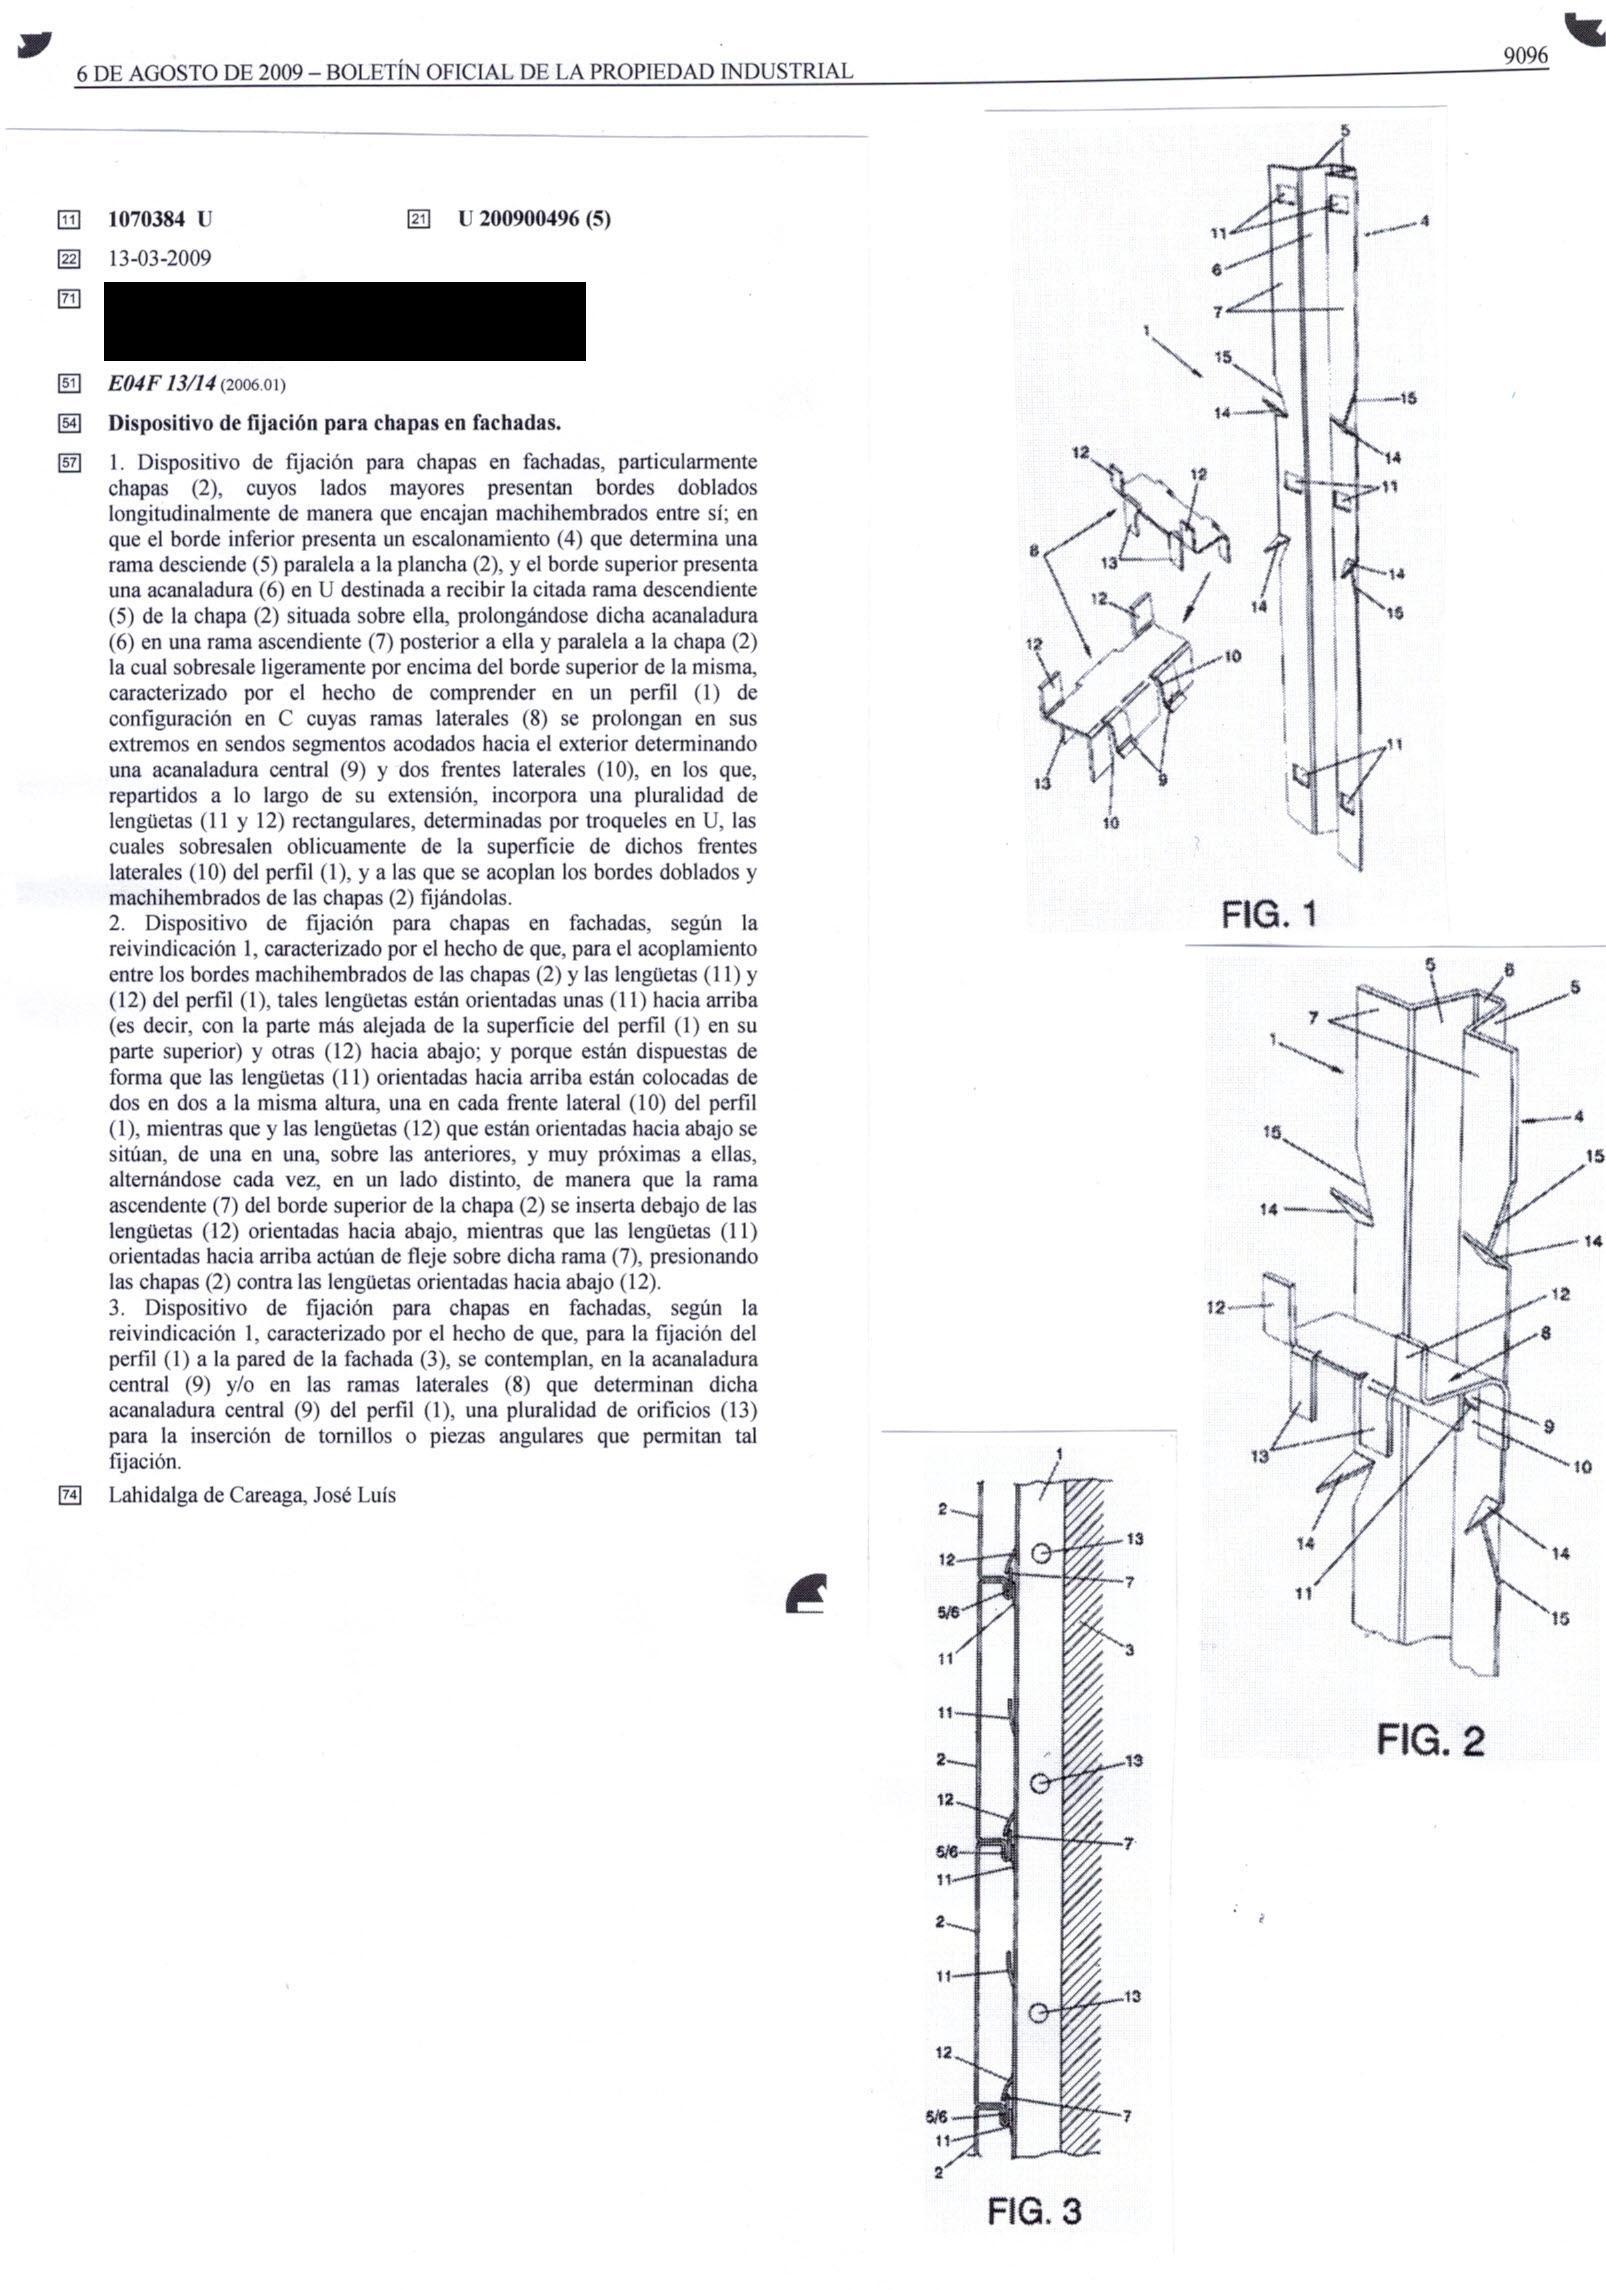 Registro modelo de utilidad Madrid